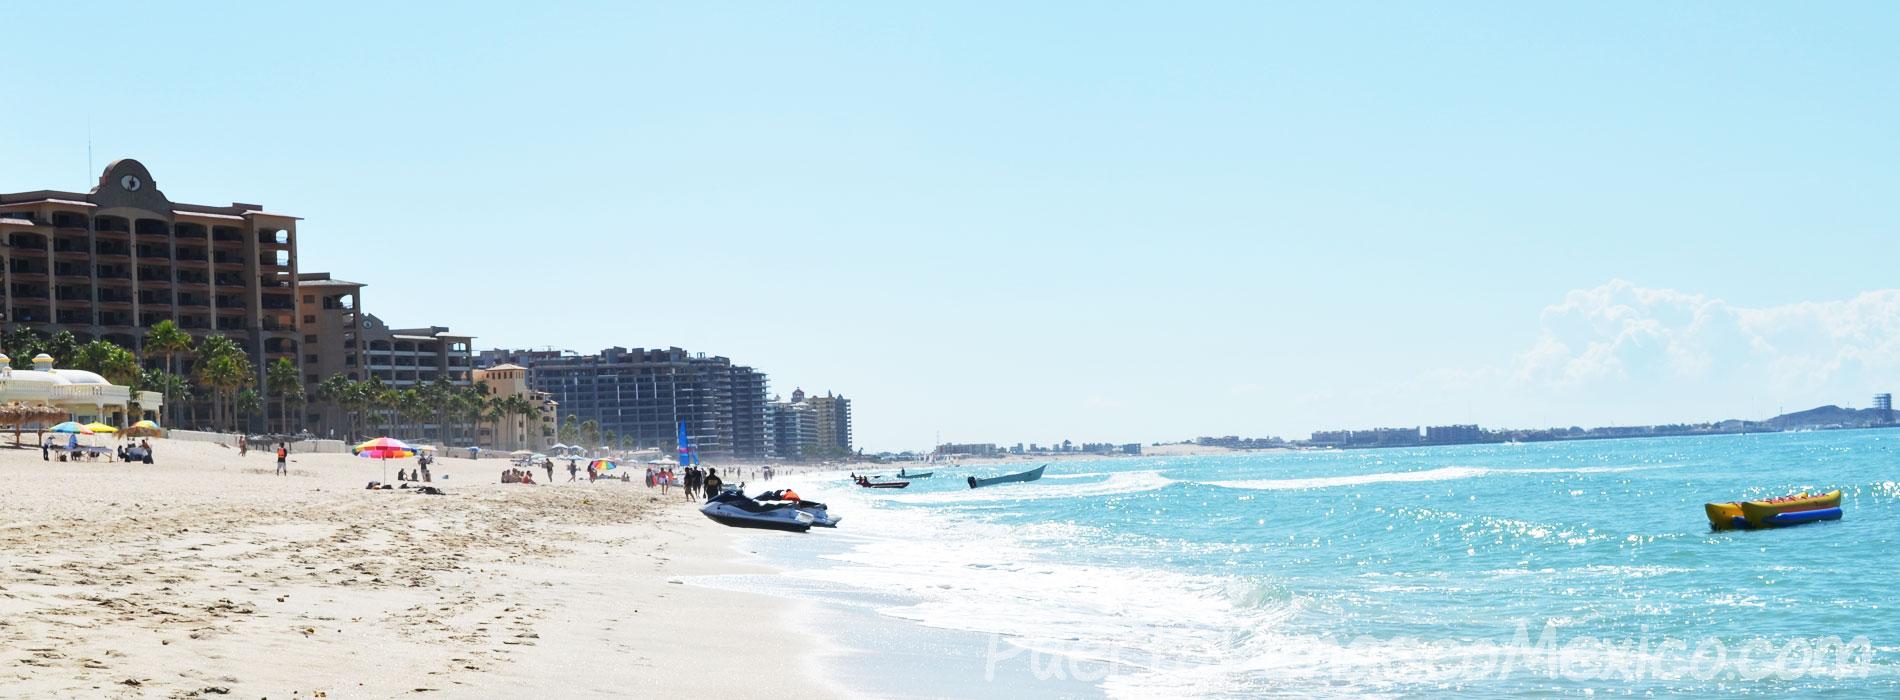 15-Best-Puerto-Penasco-Hotels